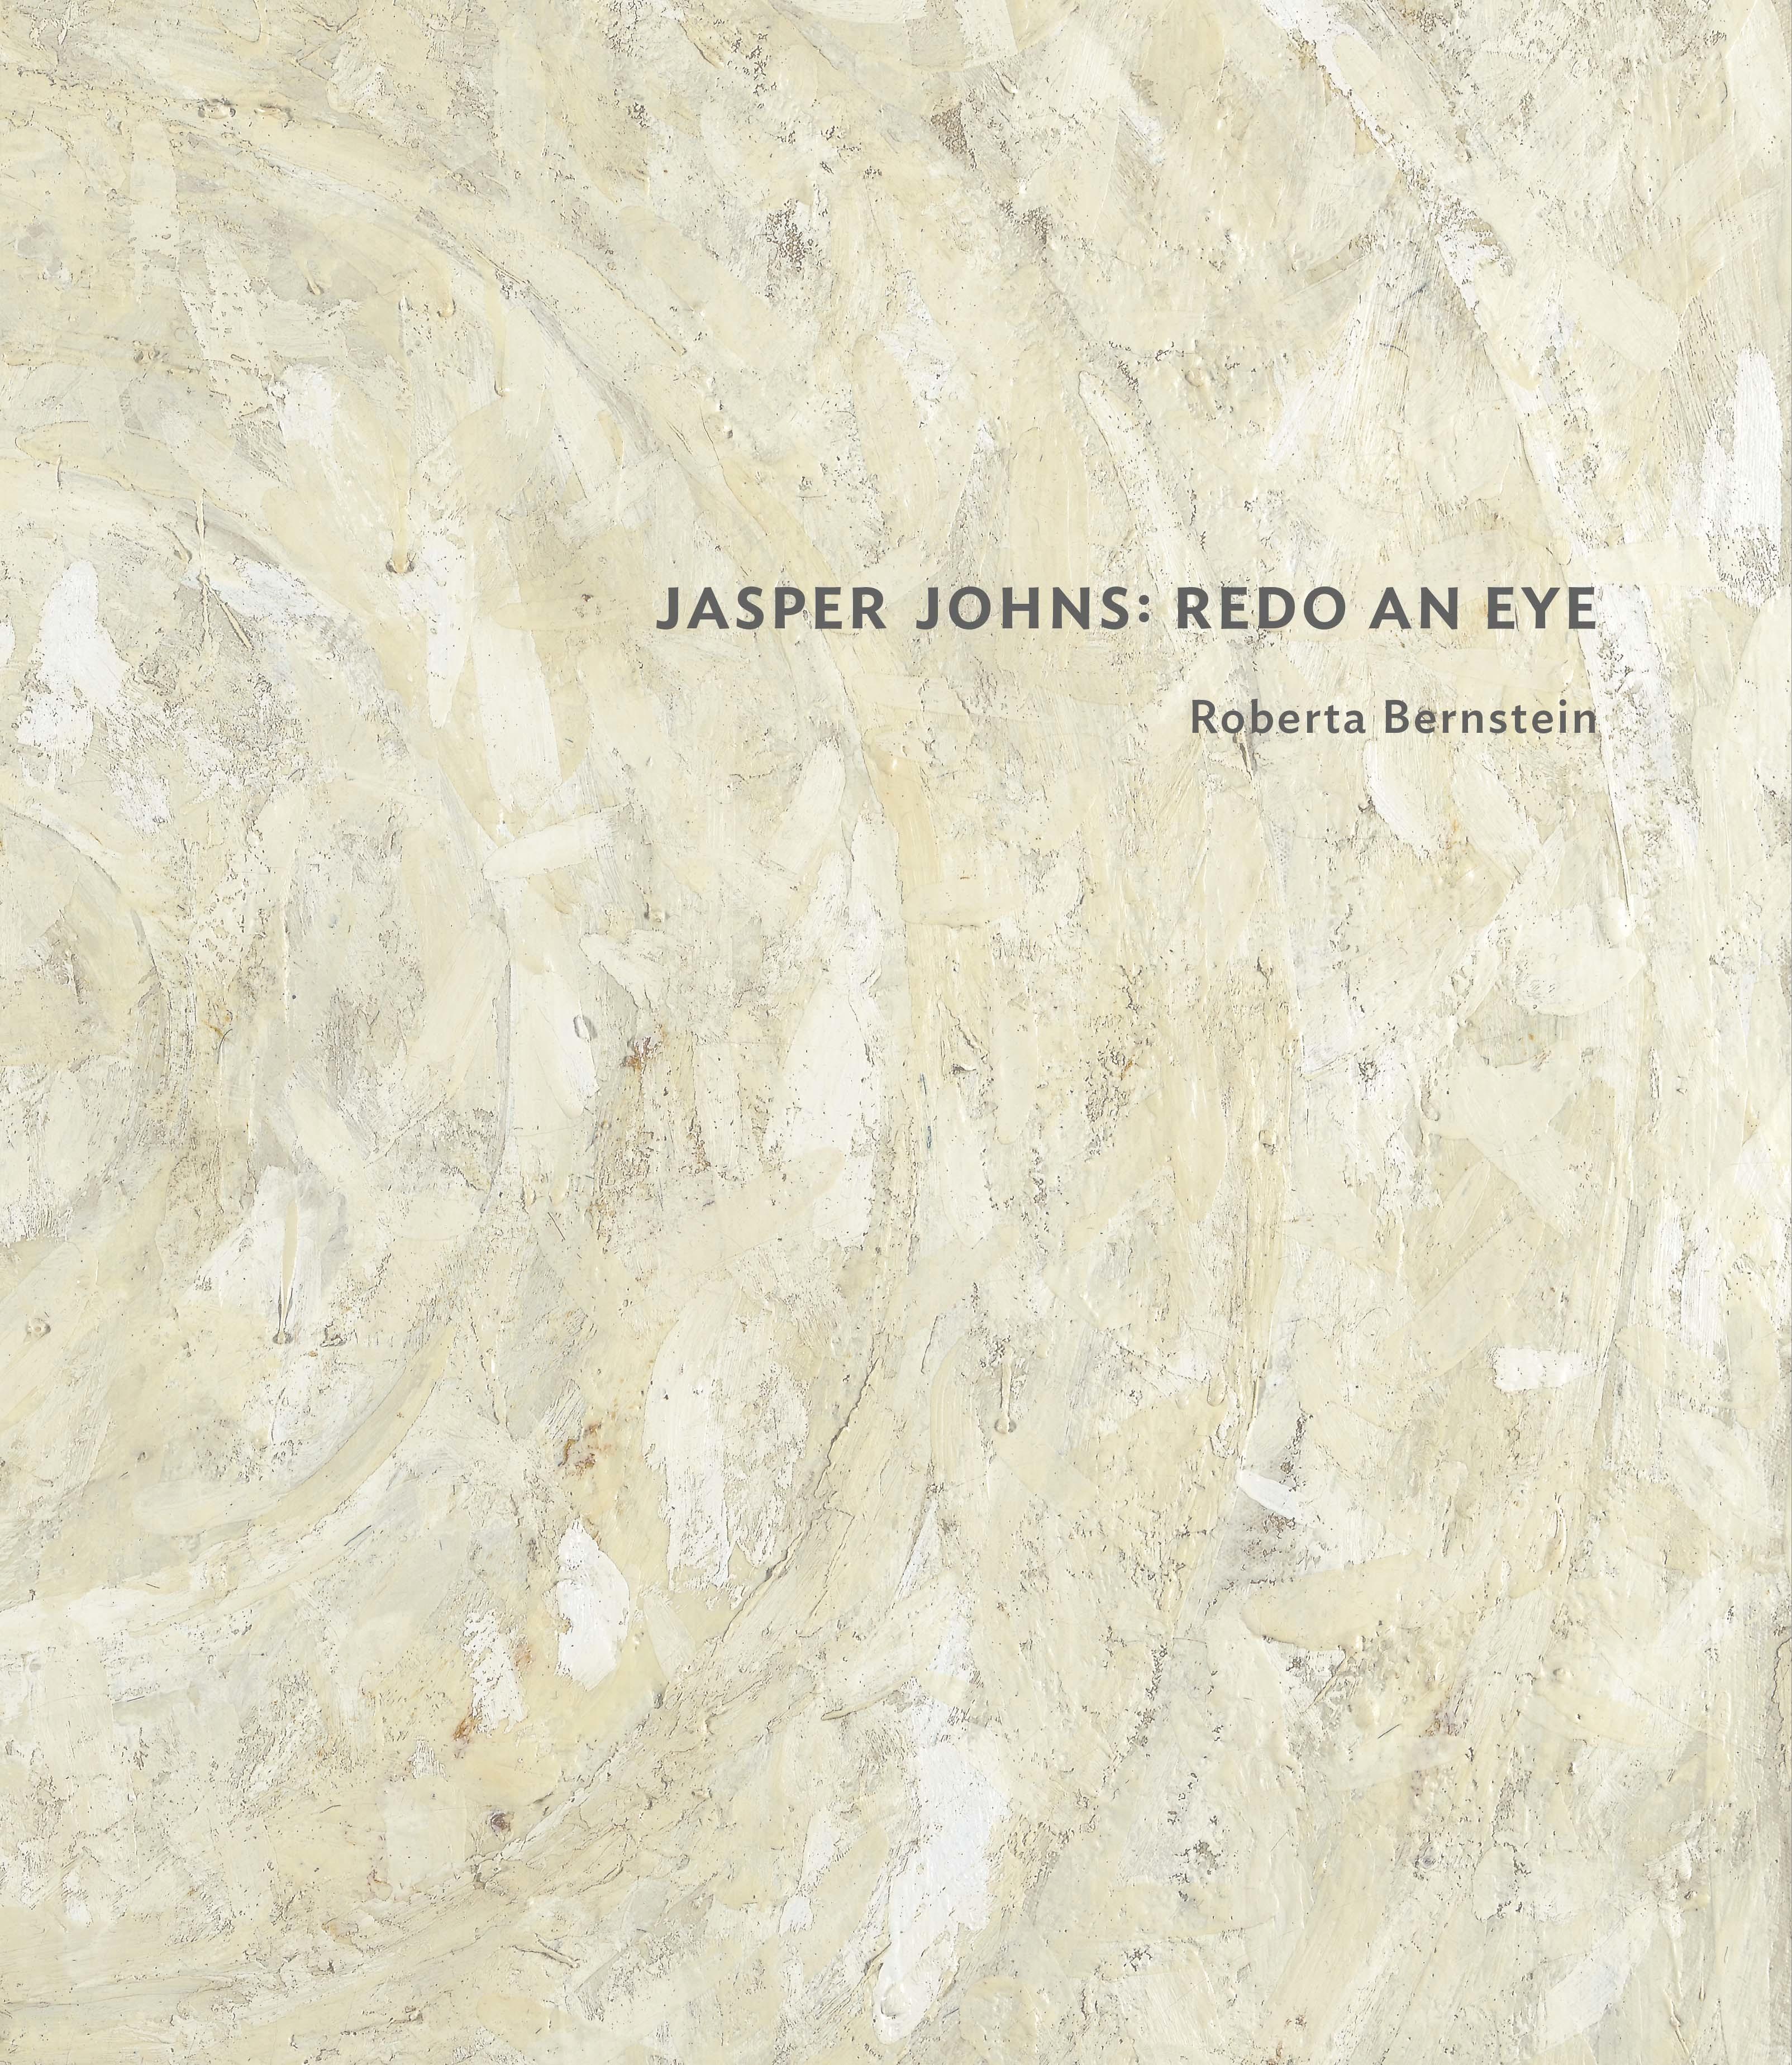 Jasper Johns: Redo an Eye